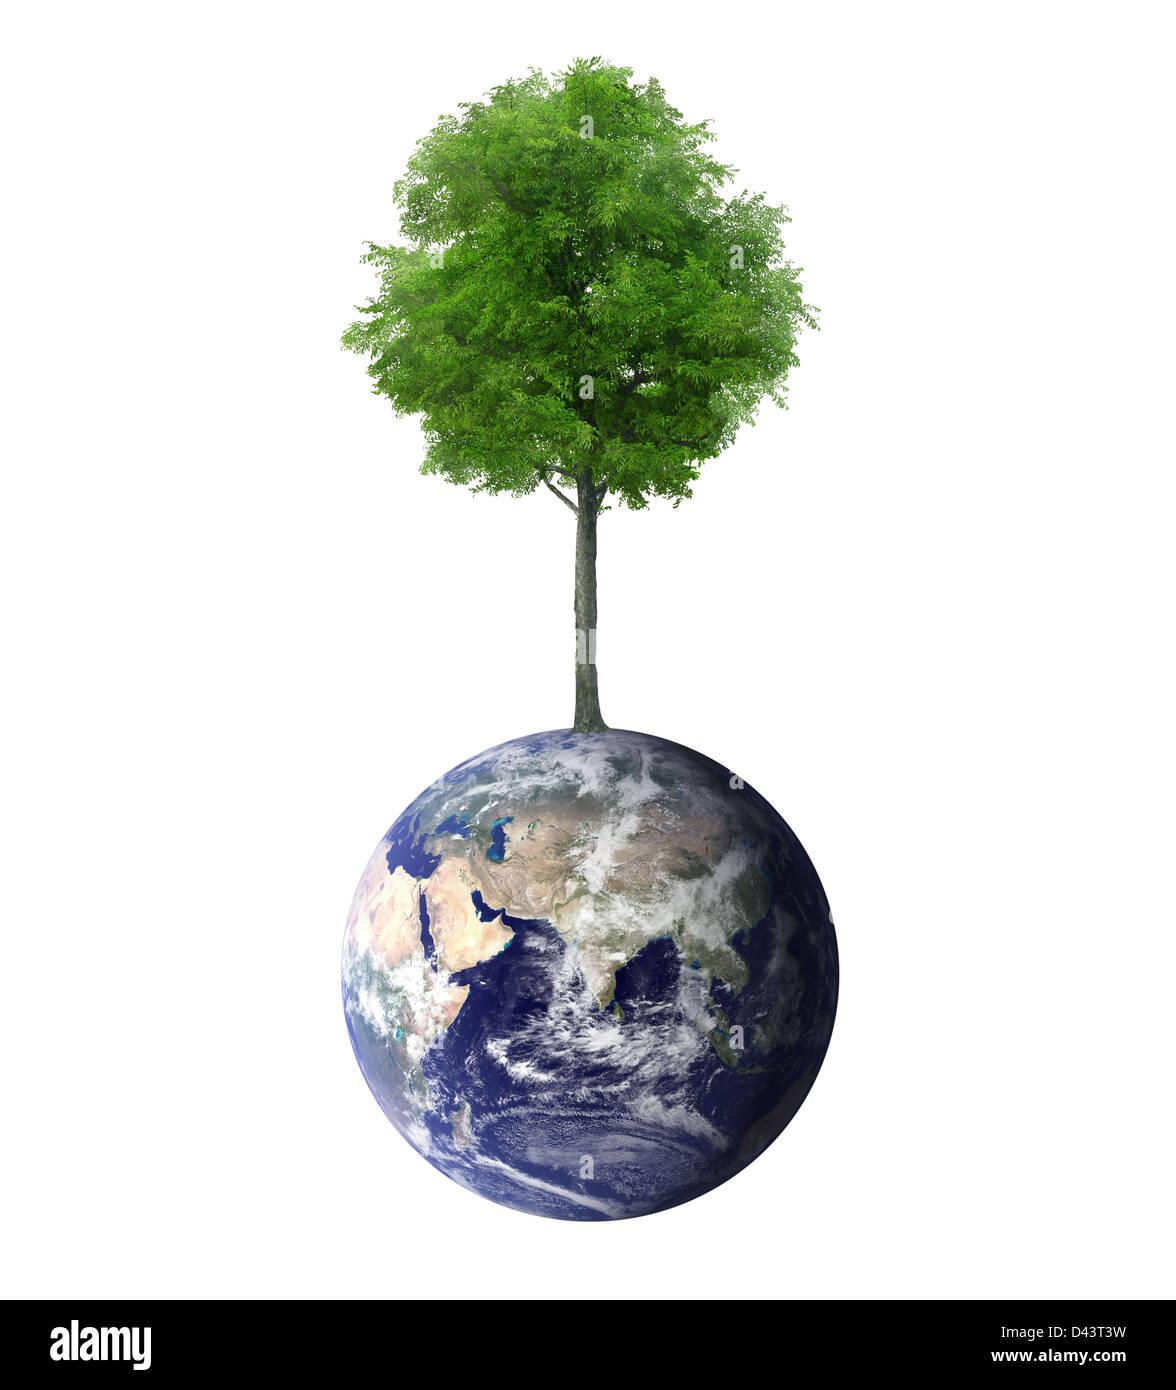 Schützen Sie die Umwelt-Konzept Stockbild